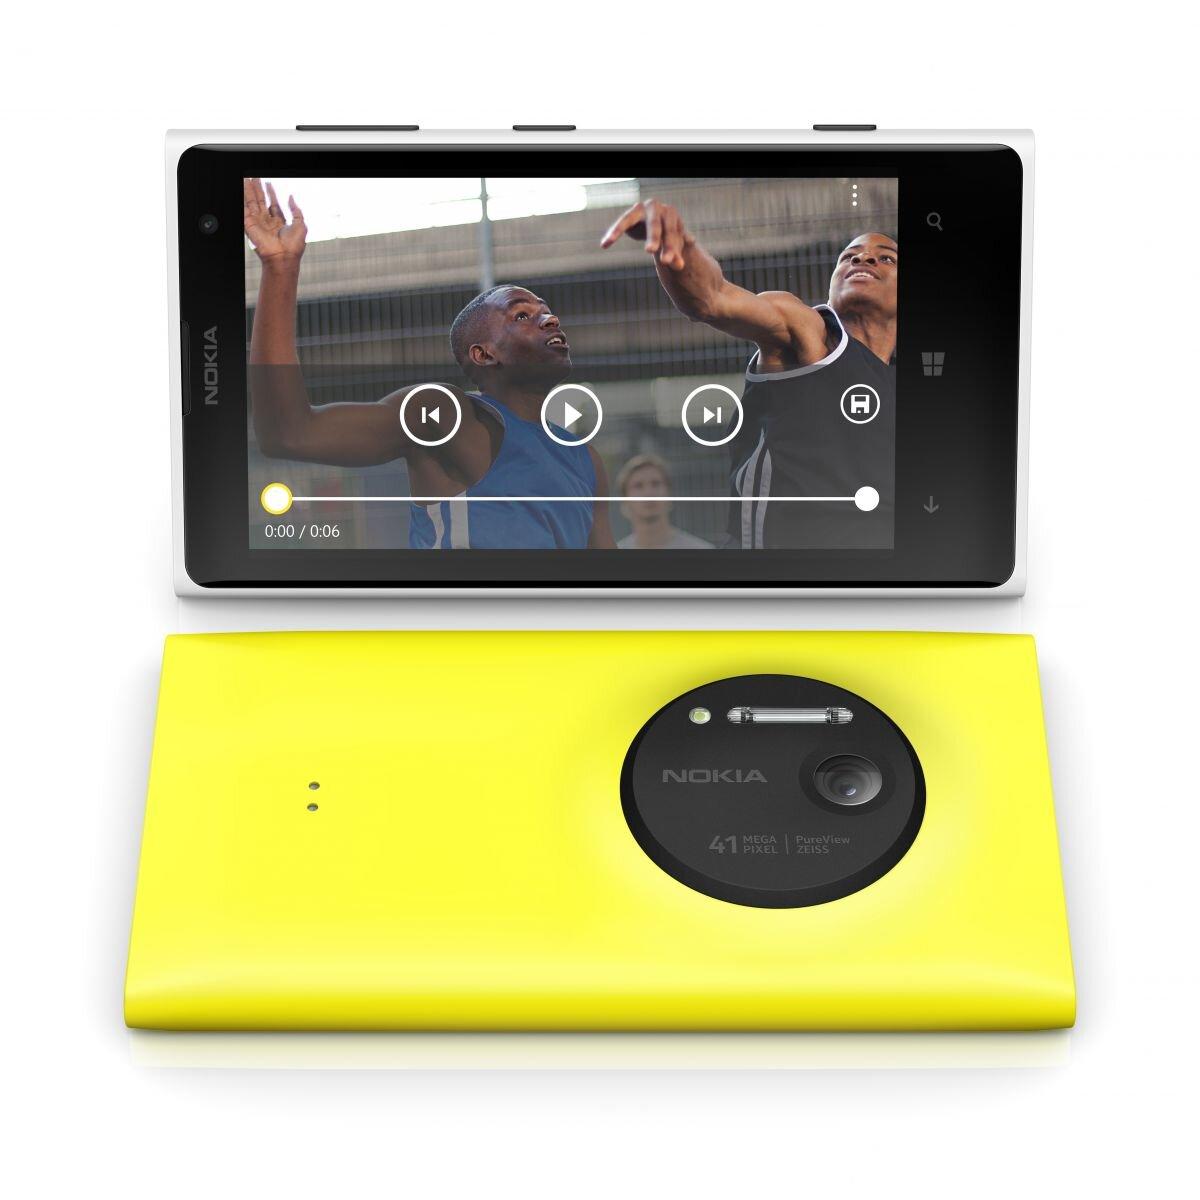 So sánh điện thoại Lumia 1020 và Sony Xperia Z1 Compact